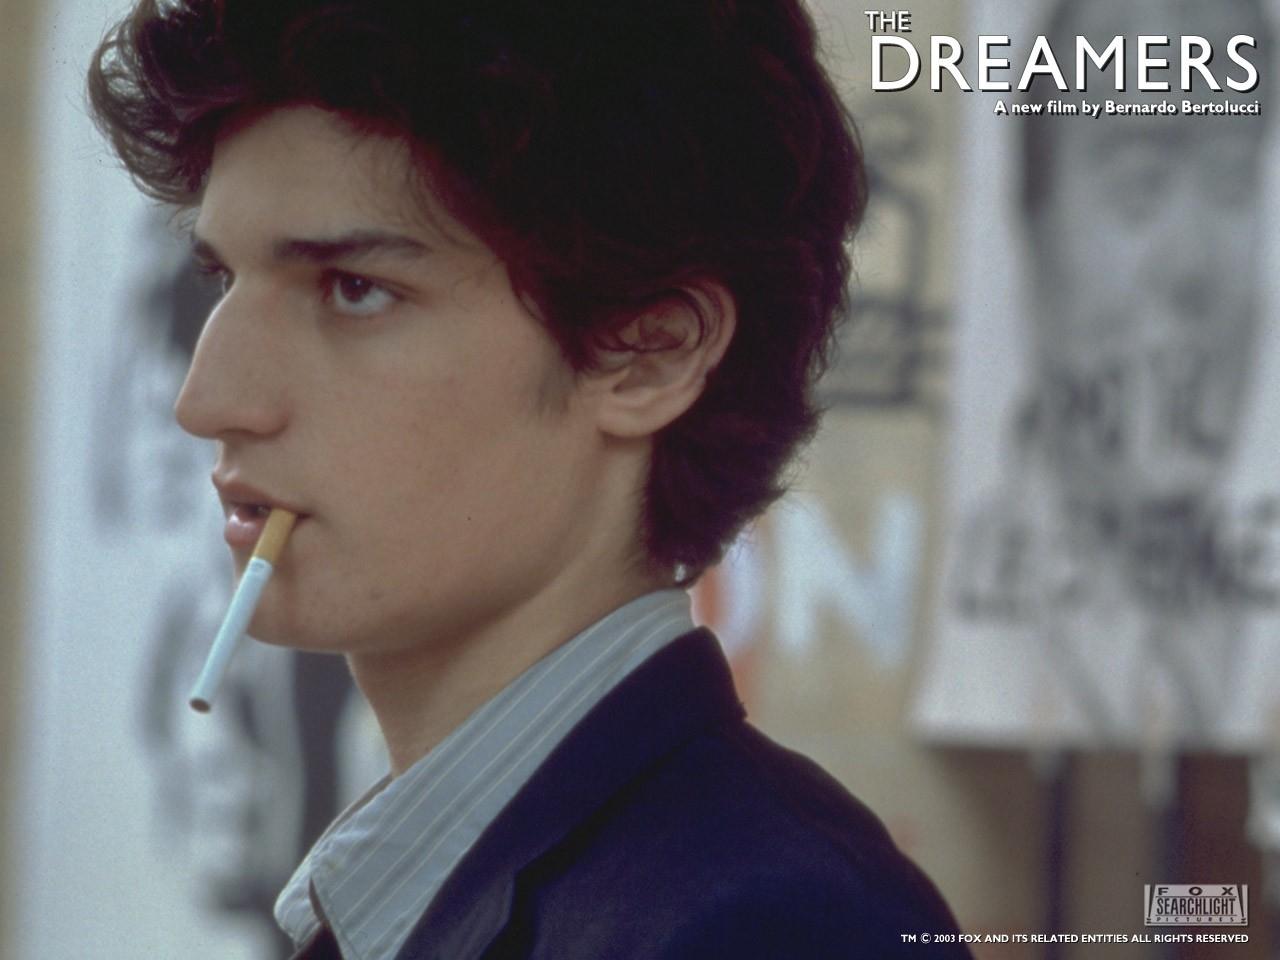 Wallpaper di The dreamers - I sognatori con Louis Garrel